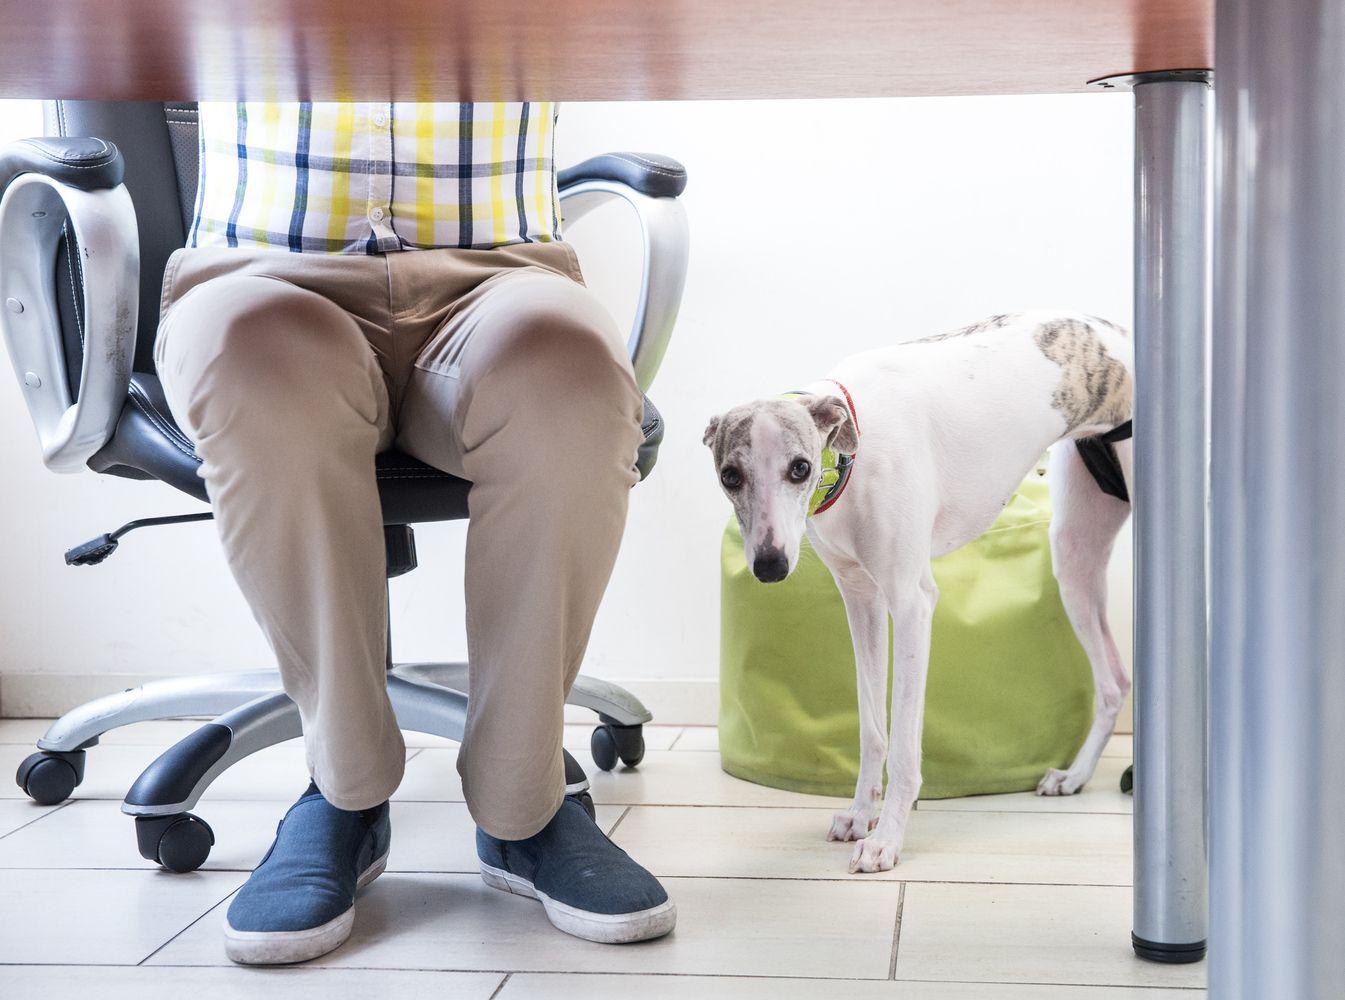 Kaip pradėti motyvuoti savo darbuotojus: 3 esminiai žingsniai